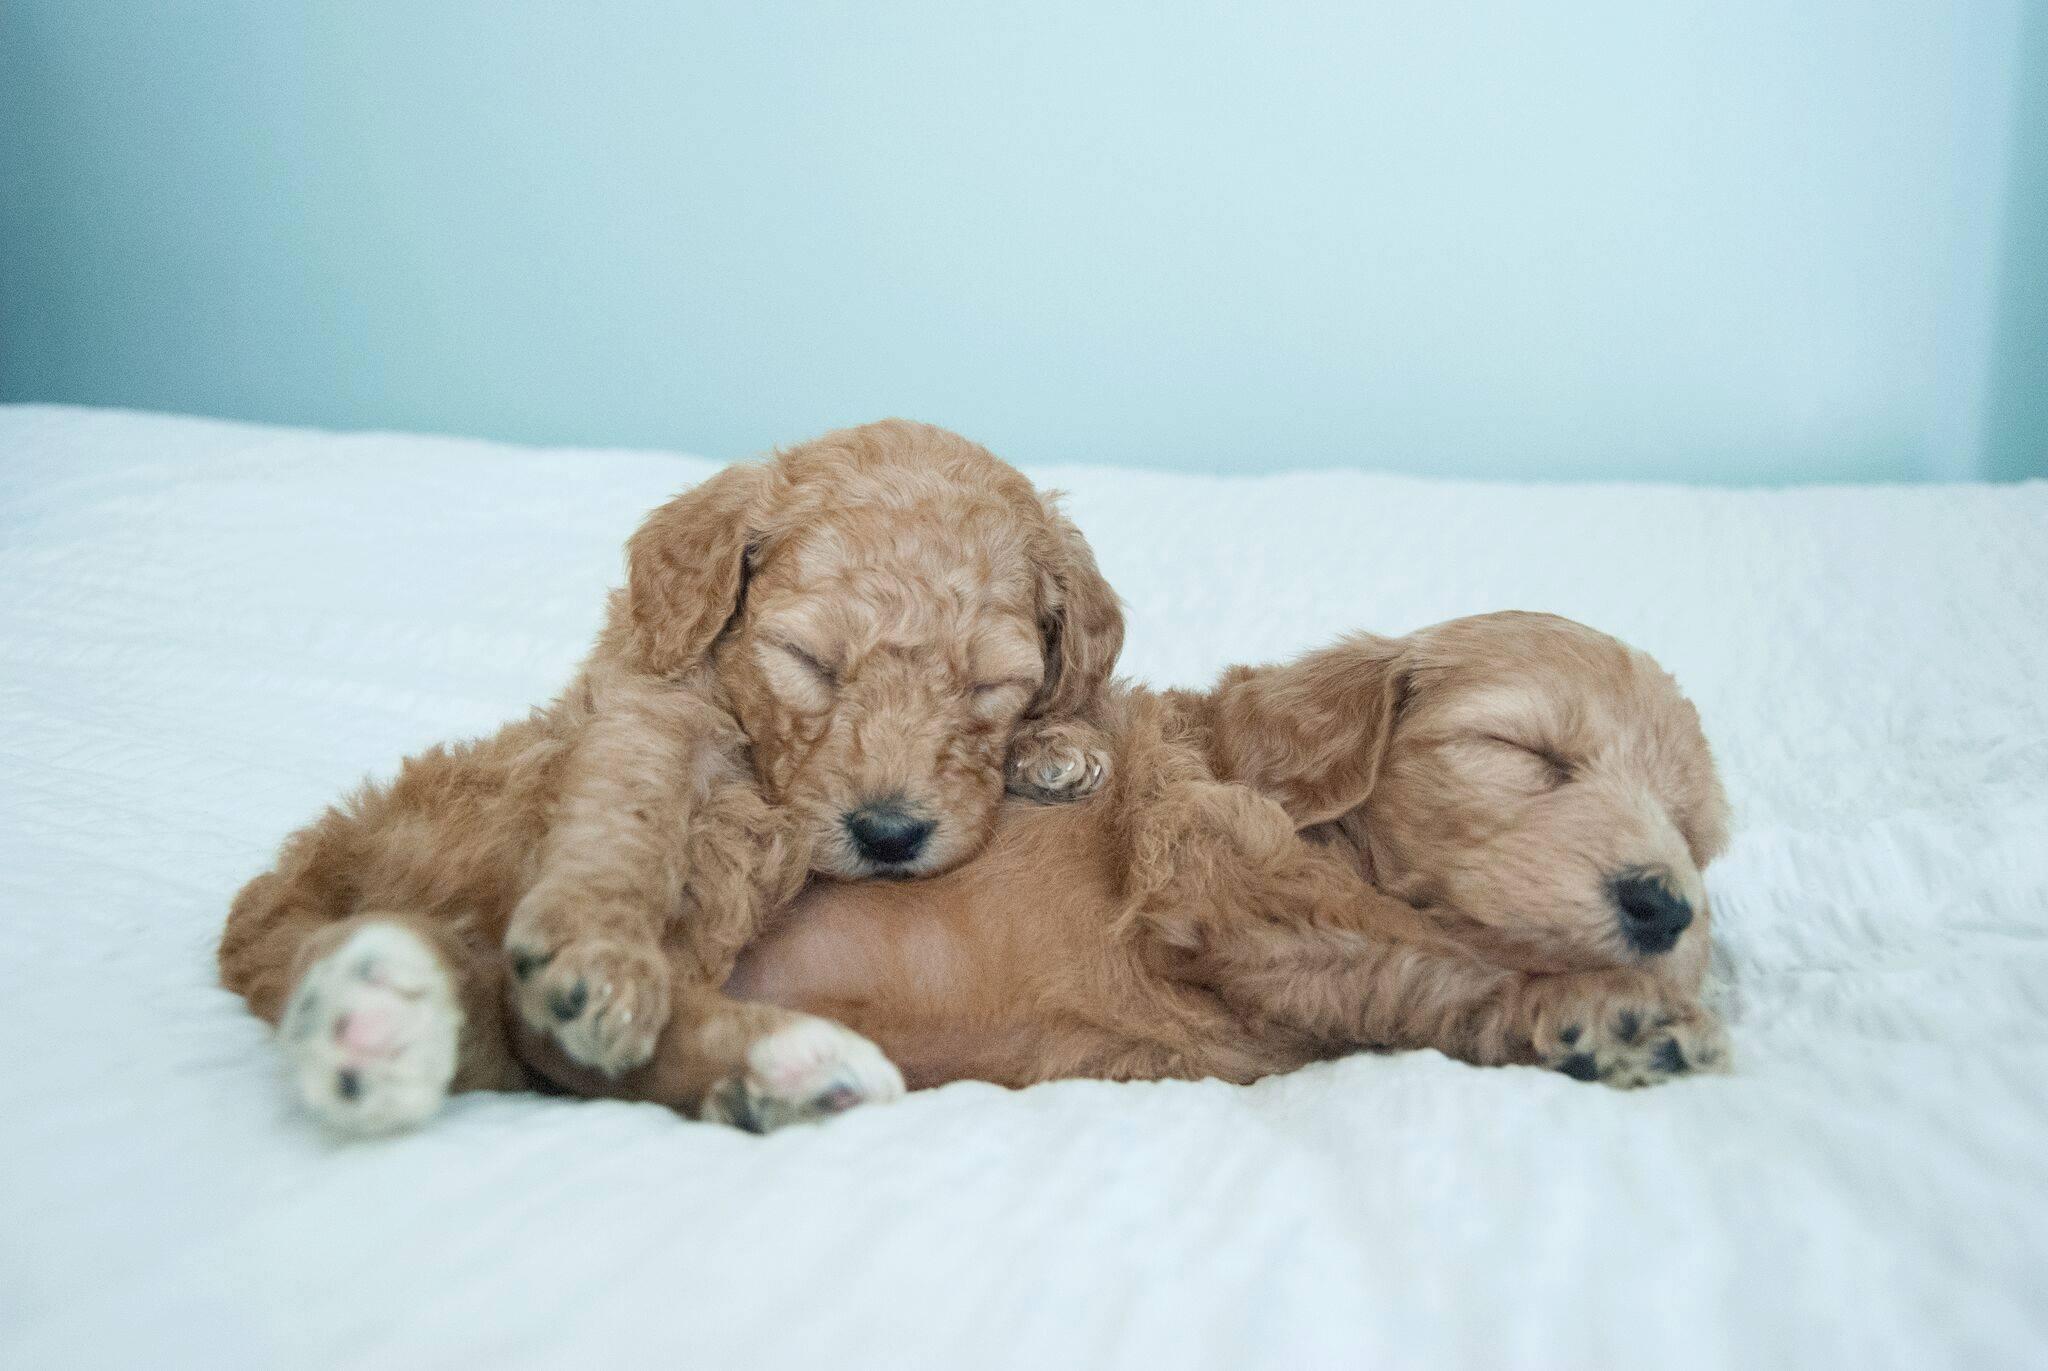 goldendoodles-sleeping-crockett.jpg